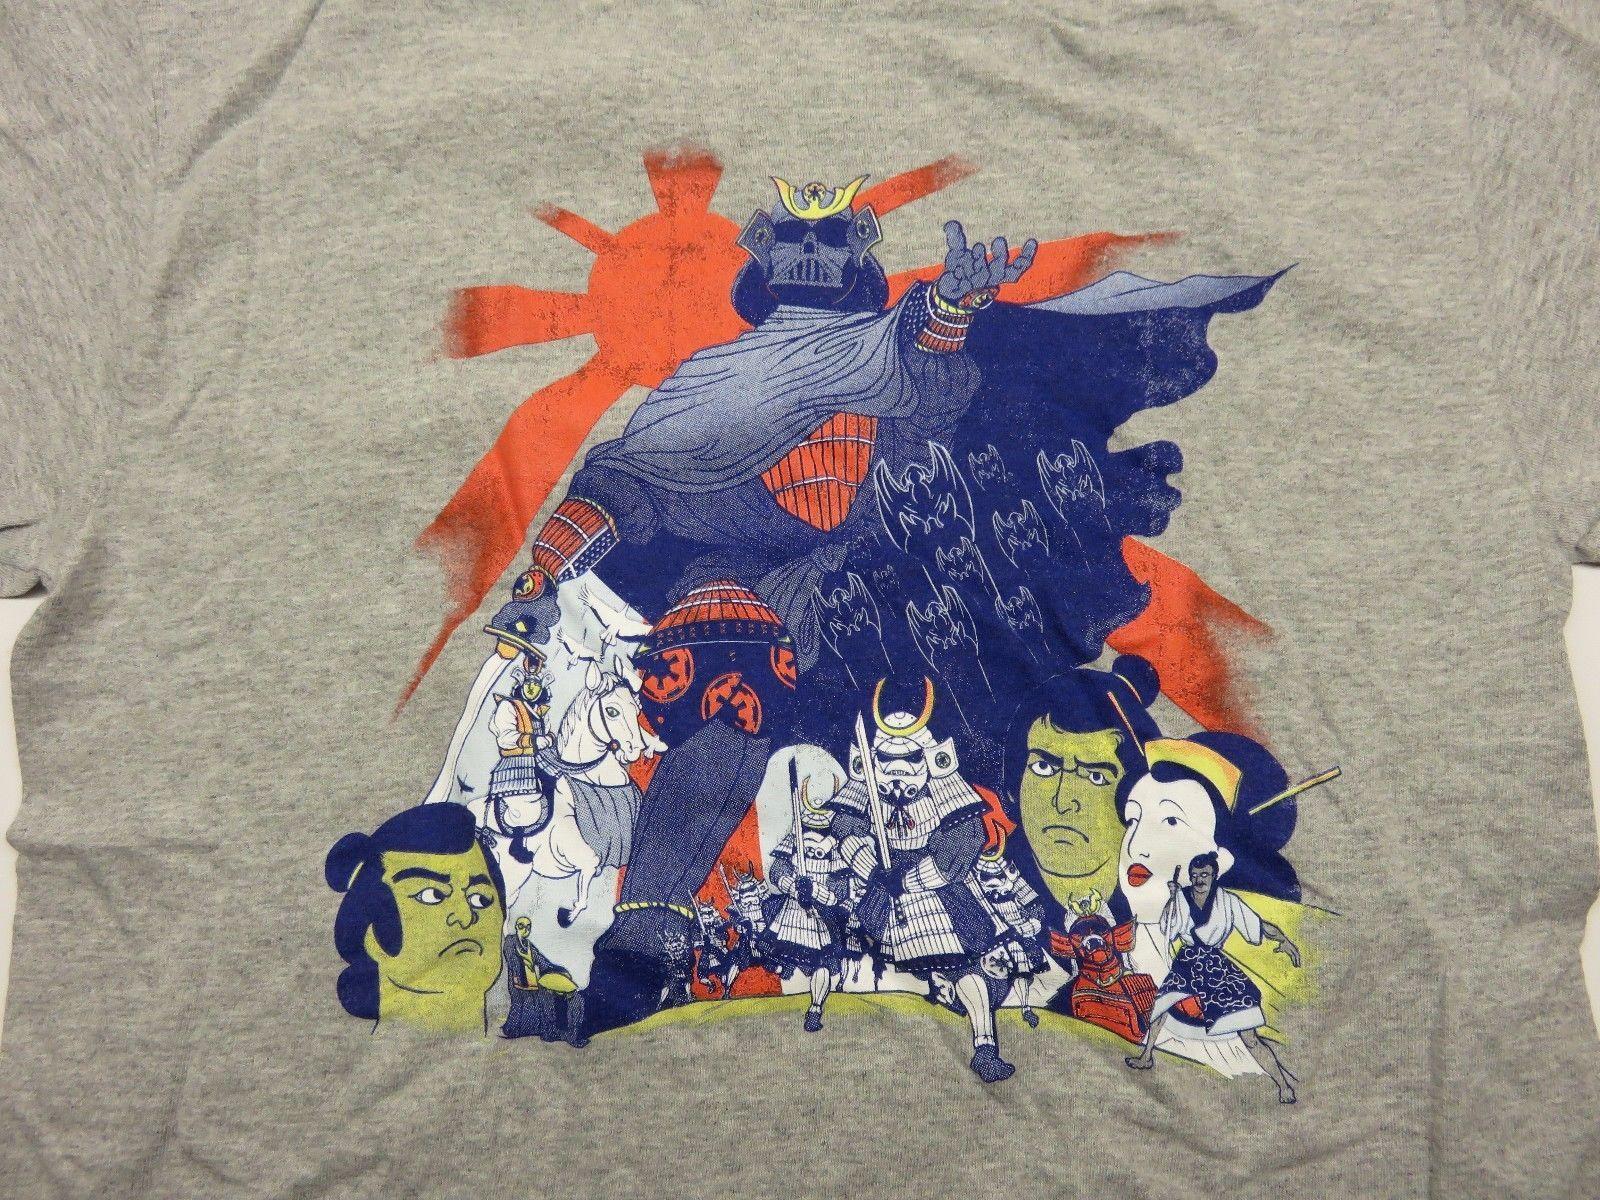 STAR WARS Grey Samurai Style Movie Poster Graphic Shirt Darth Vader Stromtropper